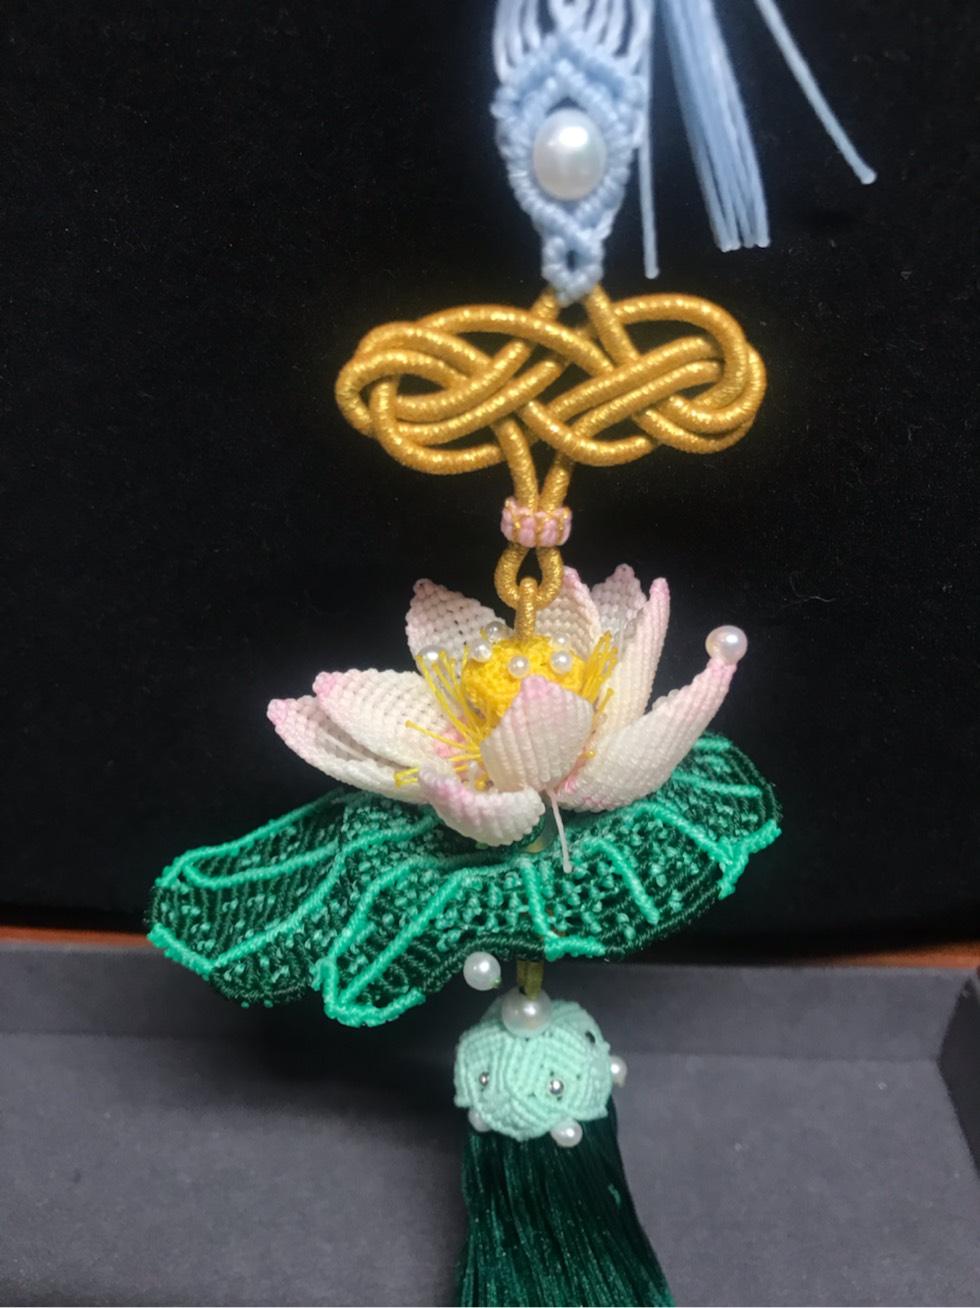 中国结论坛 莲 带莲的诗句,莲组词,莲含义,荷花,描写莲的诗 作品展示 194030q5lh2amrc127f2ma